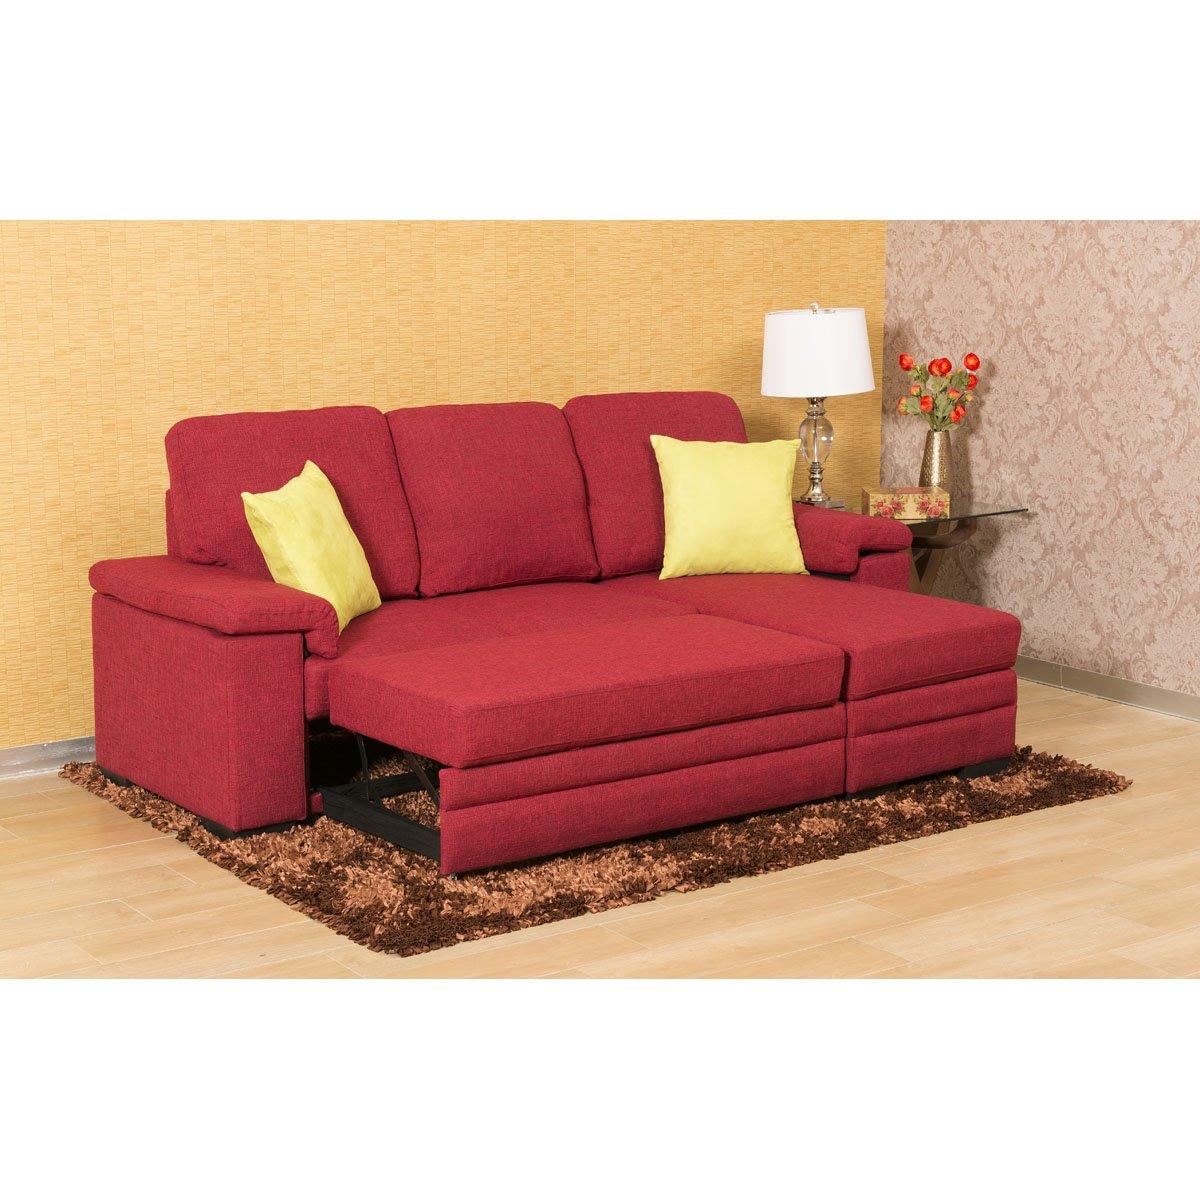 Sof cama mira rojo sears com mx me entiende - Sofa cama original ...